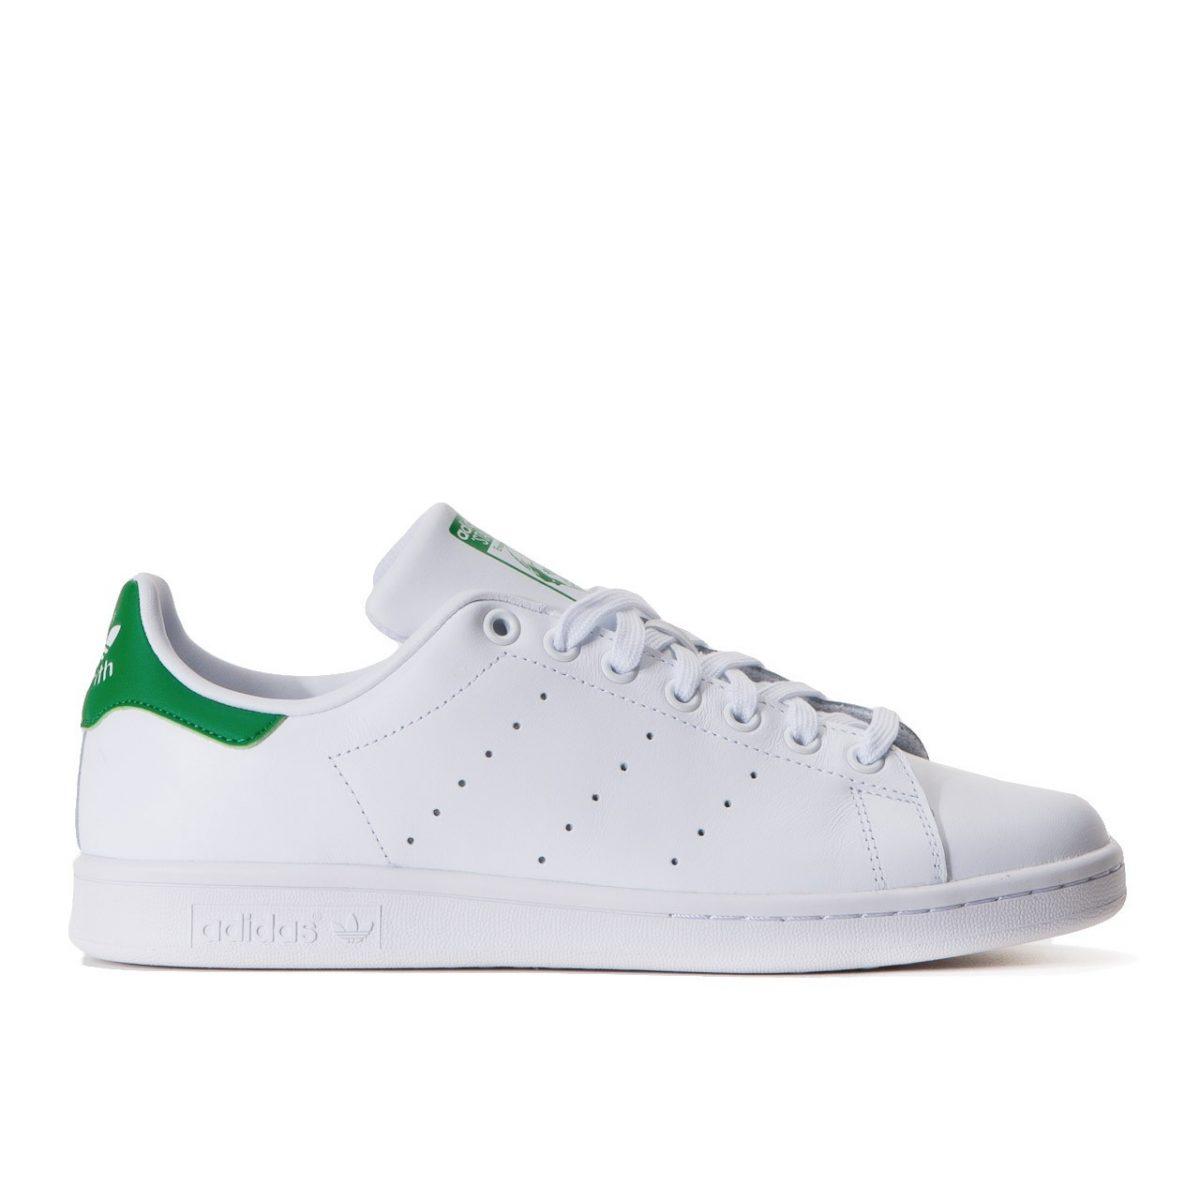 adidas-stan-smith-running-white-fairway-m20324_3_2